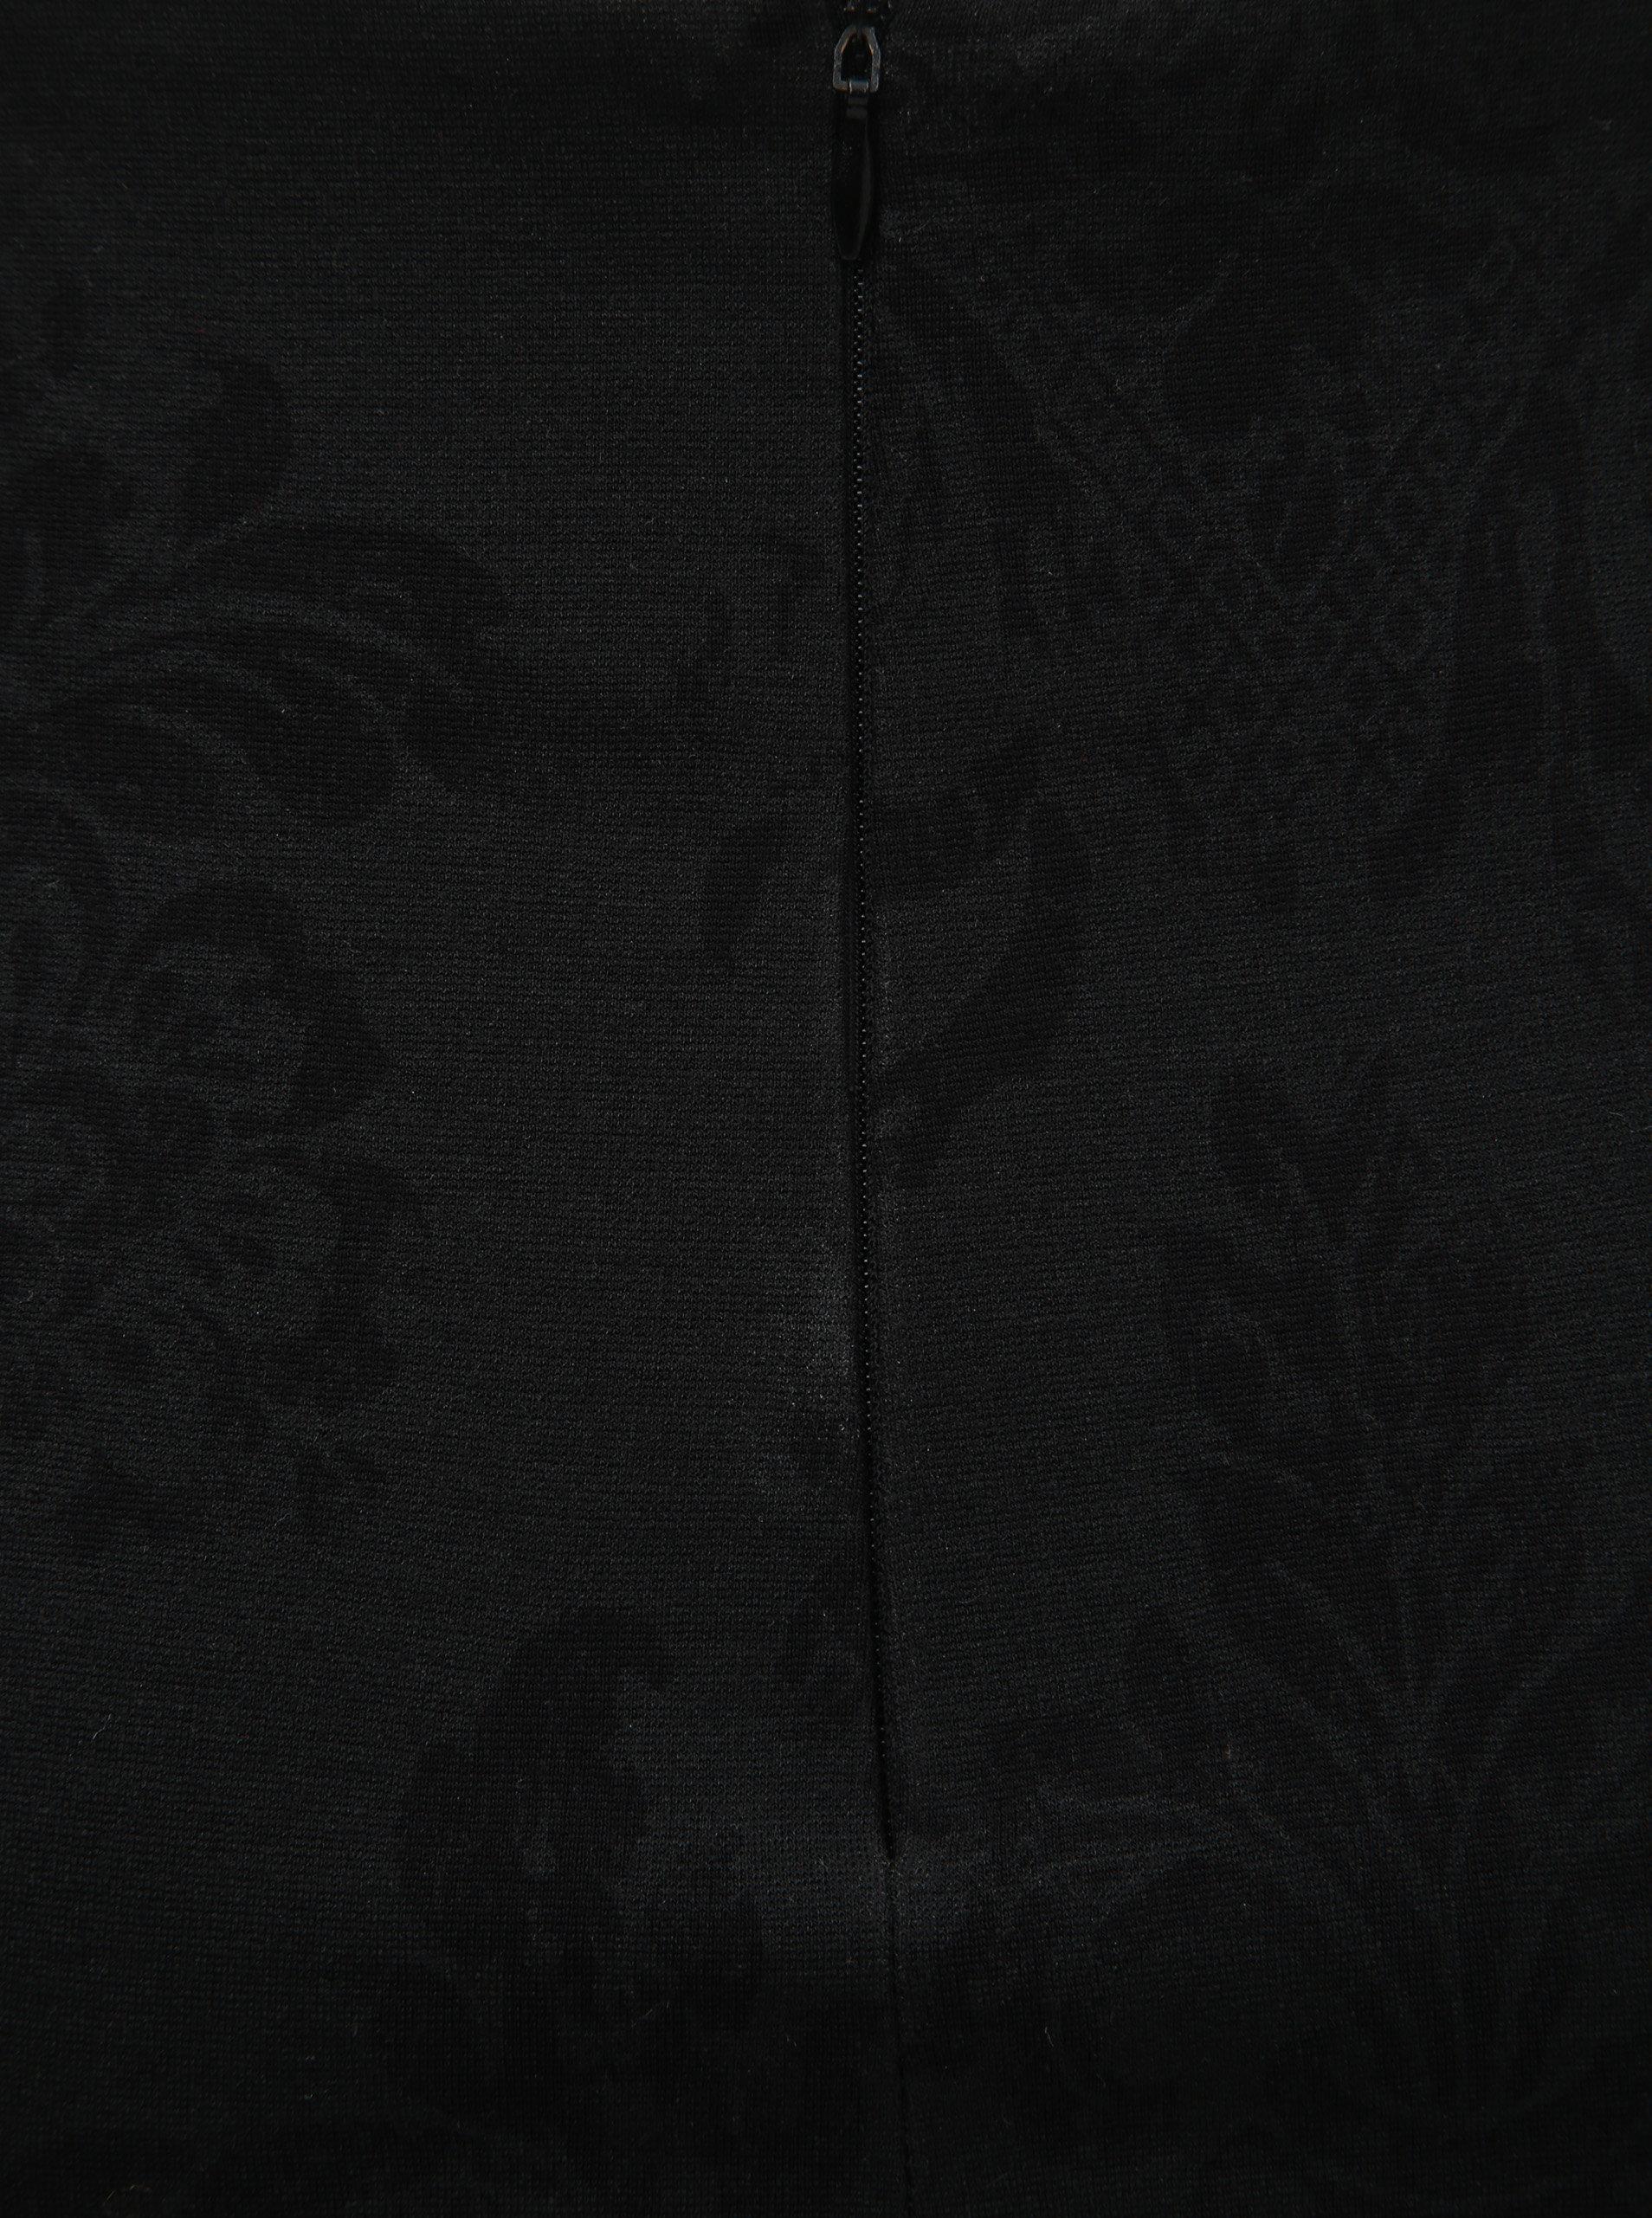 0b74ca79d3d7 Čierna kvetovaná sukňa s rozparkom v zadnej časti SEVERANKA ...